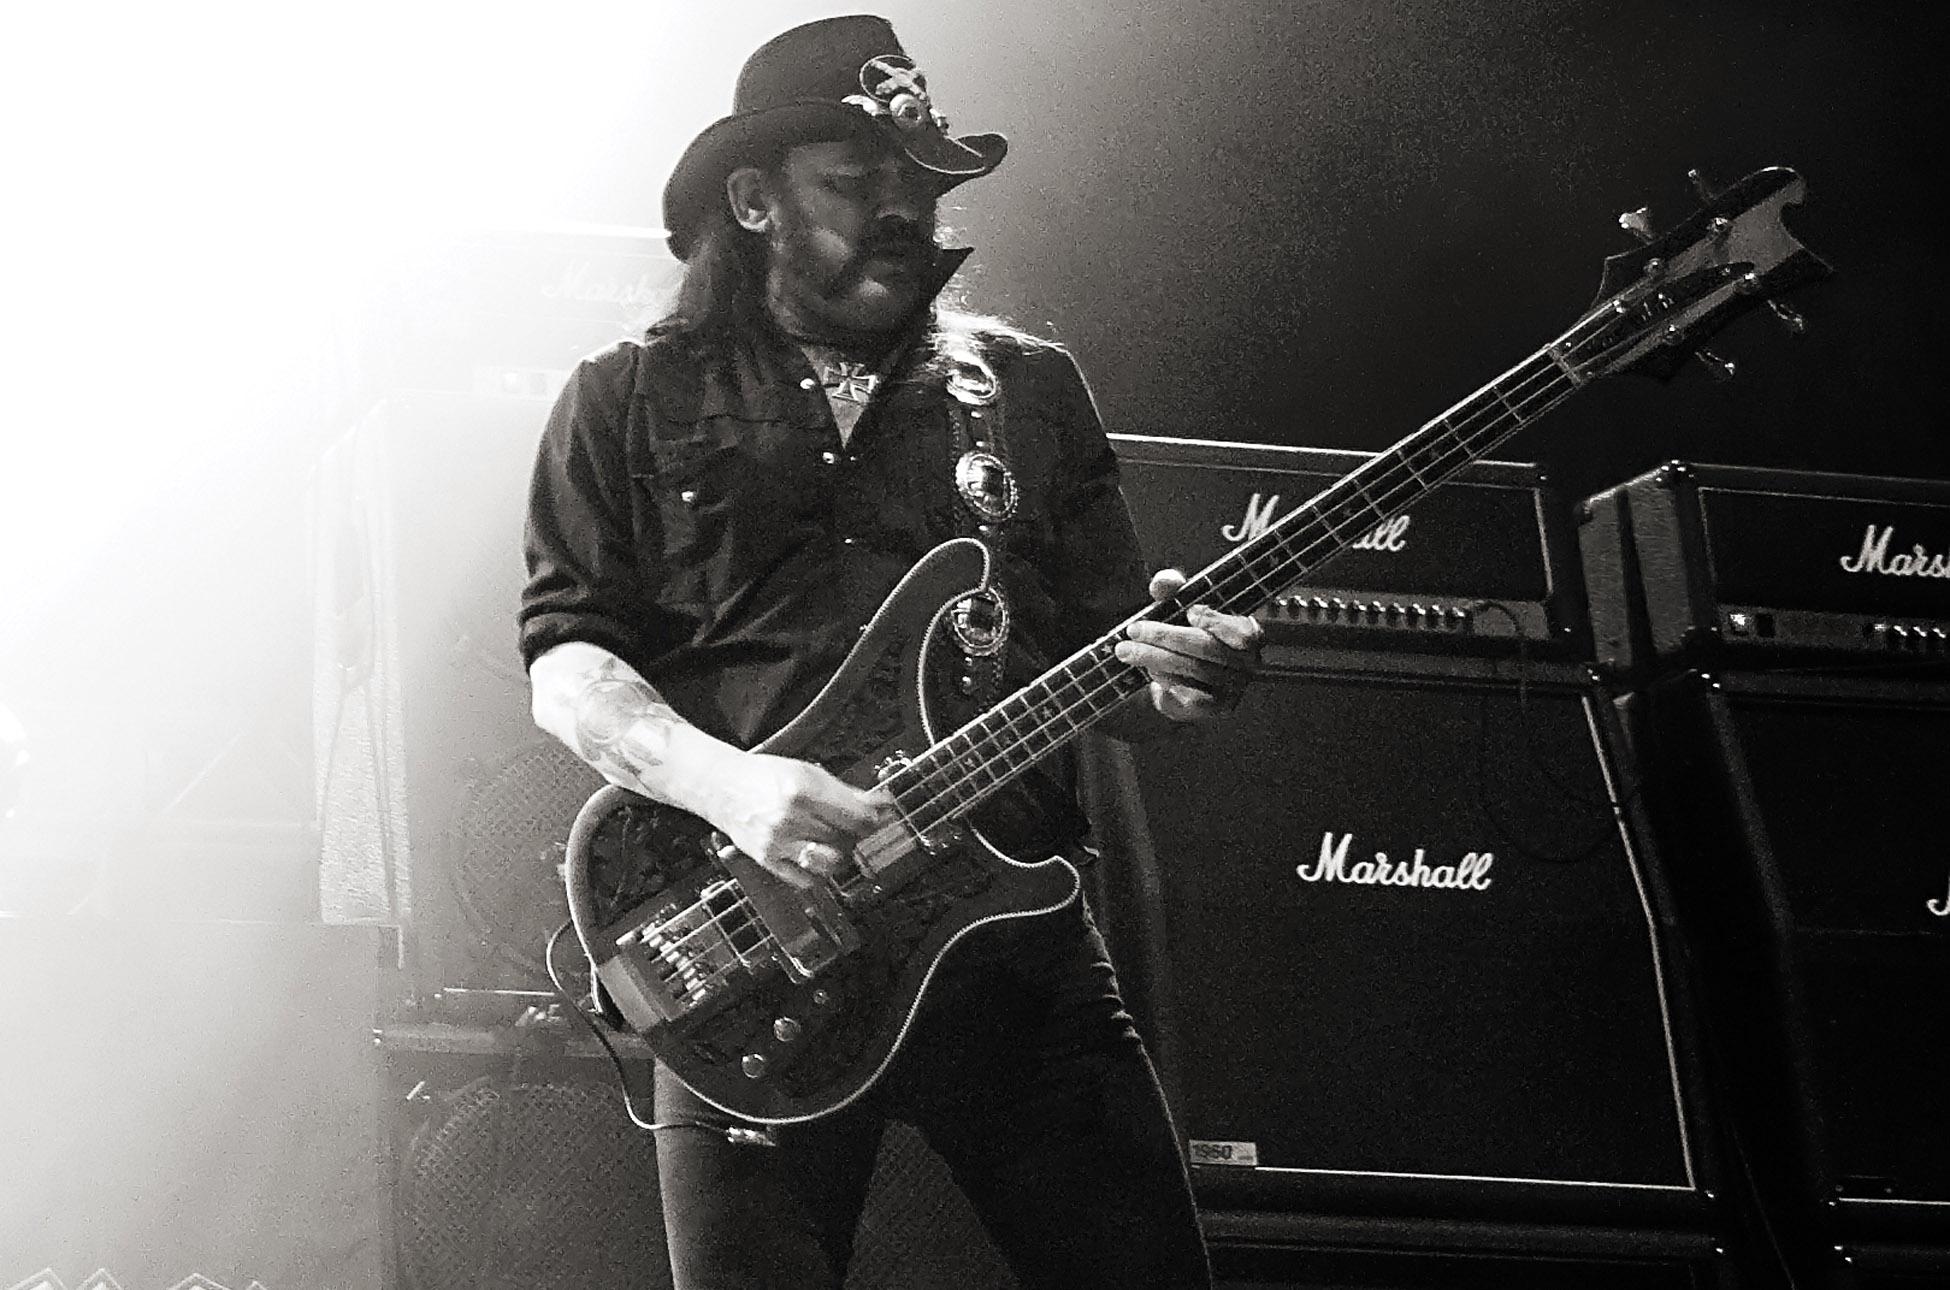 foto de #Lemmy Kilmister #Motorhead Singer and Heavy Metal Legend Dead at 70 bluesyemre